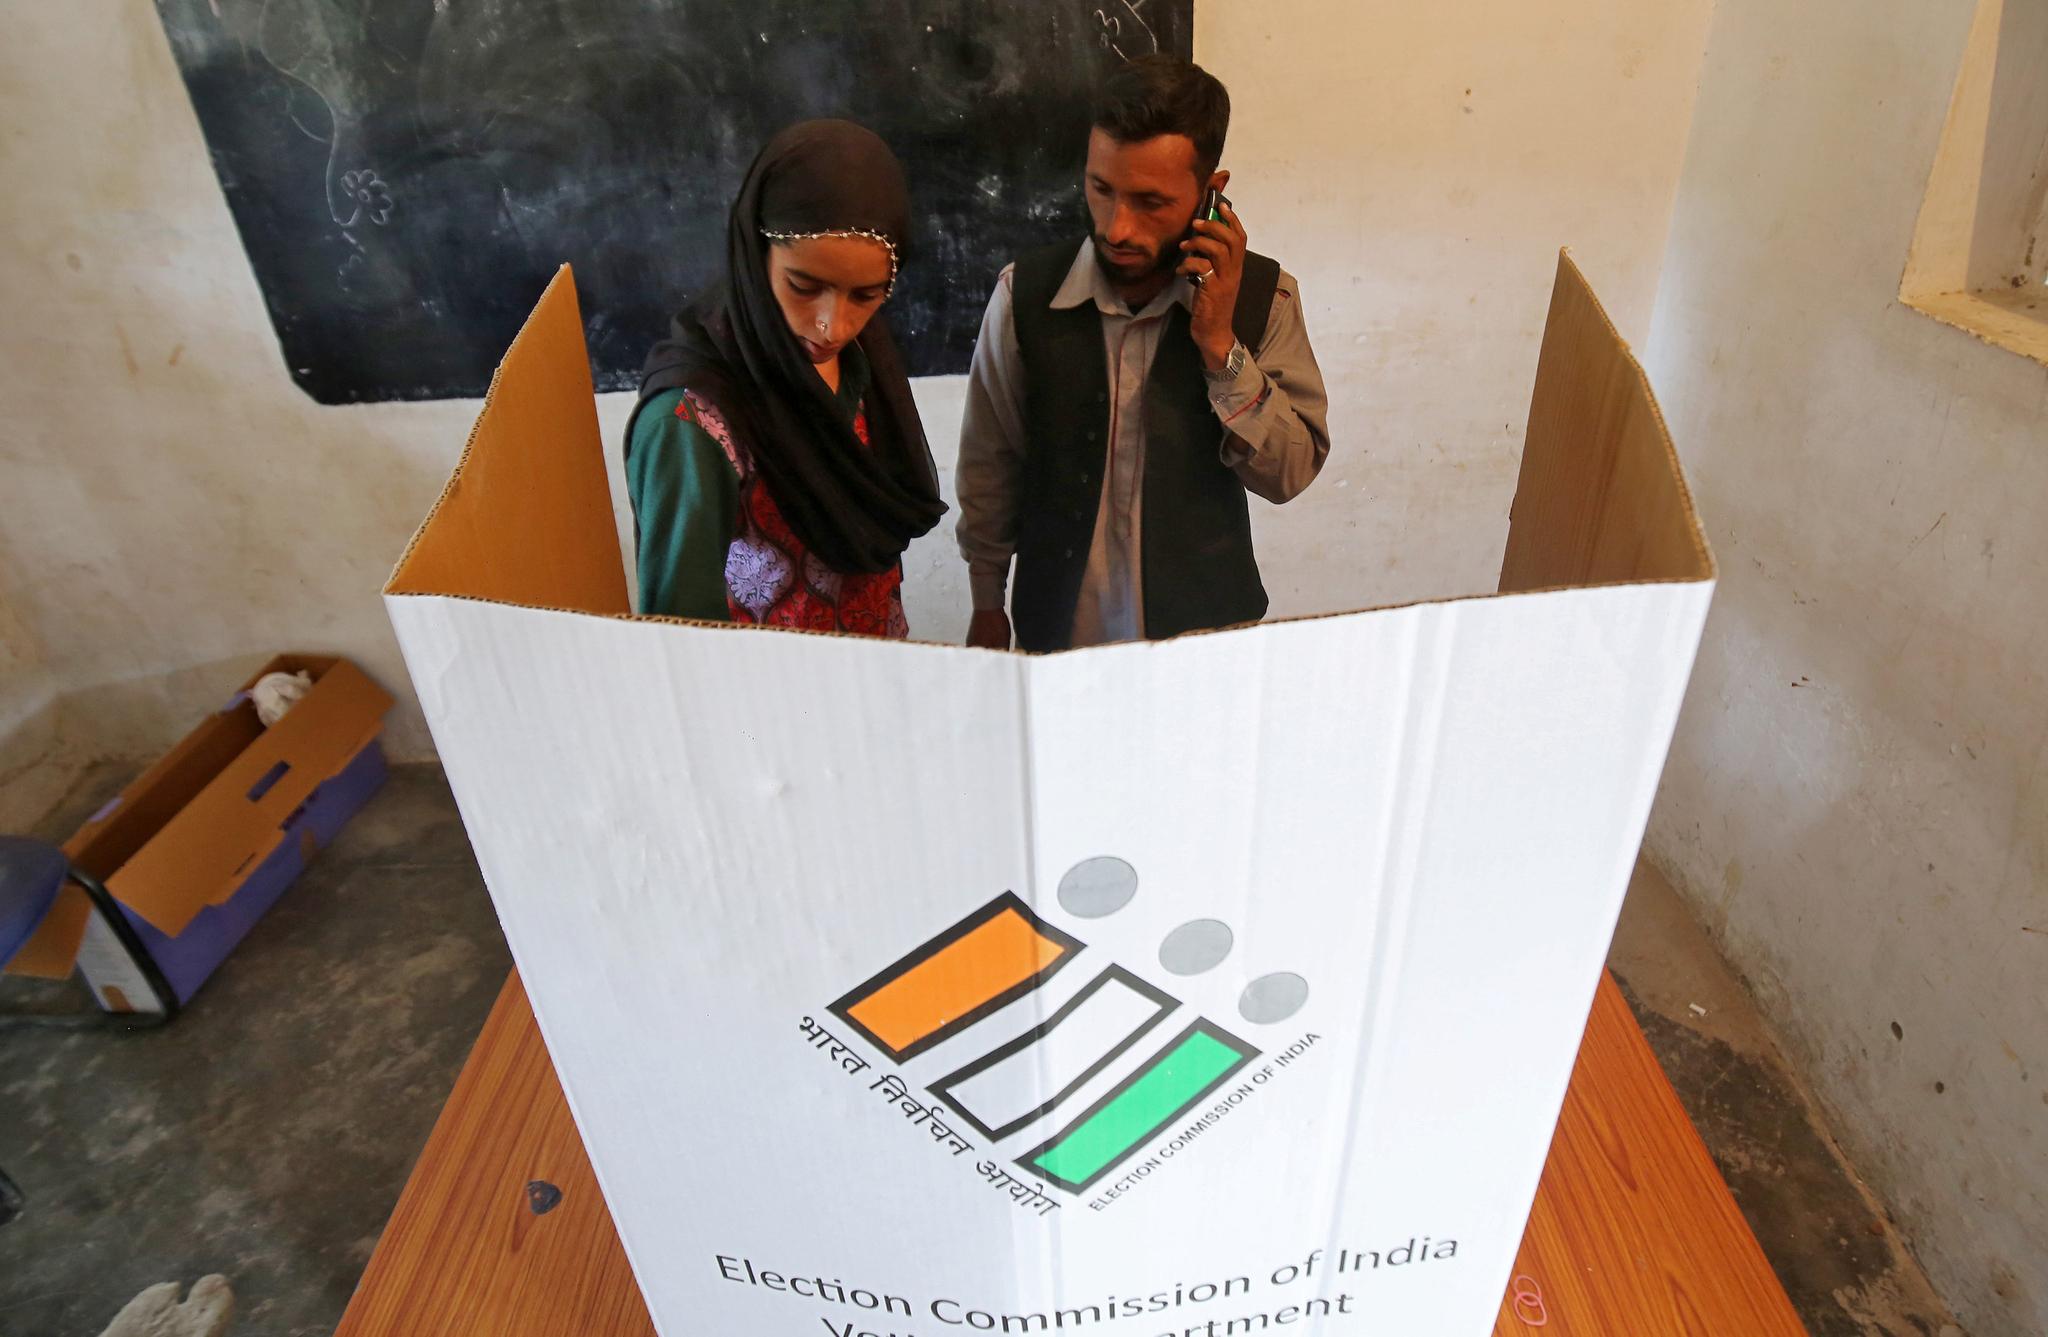 11일(현지시간) 인도 자무 외곽의 한 투표소에 마련된 종이박스 기표소에서 시민들이 투표를 하고 있다. [로이터=연합뉴스]